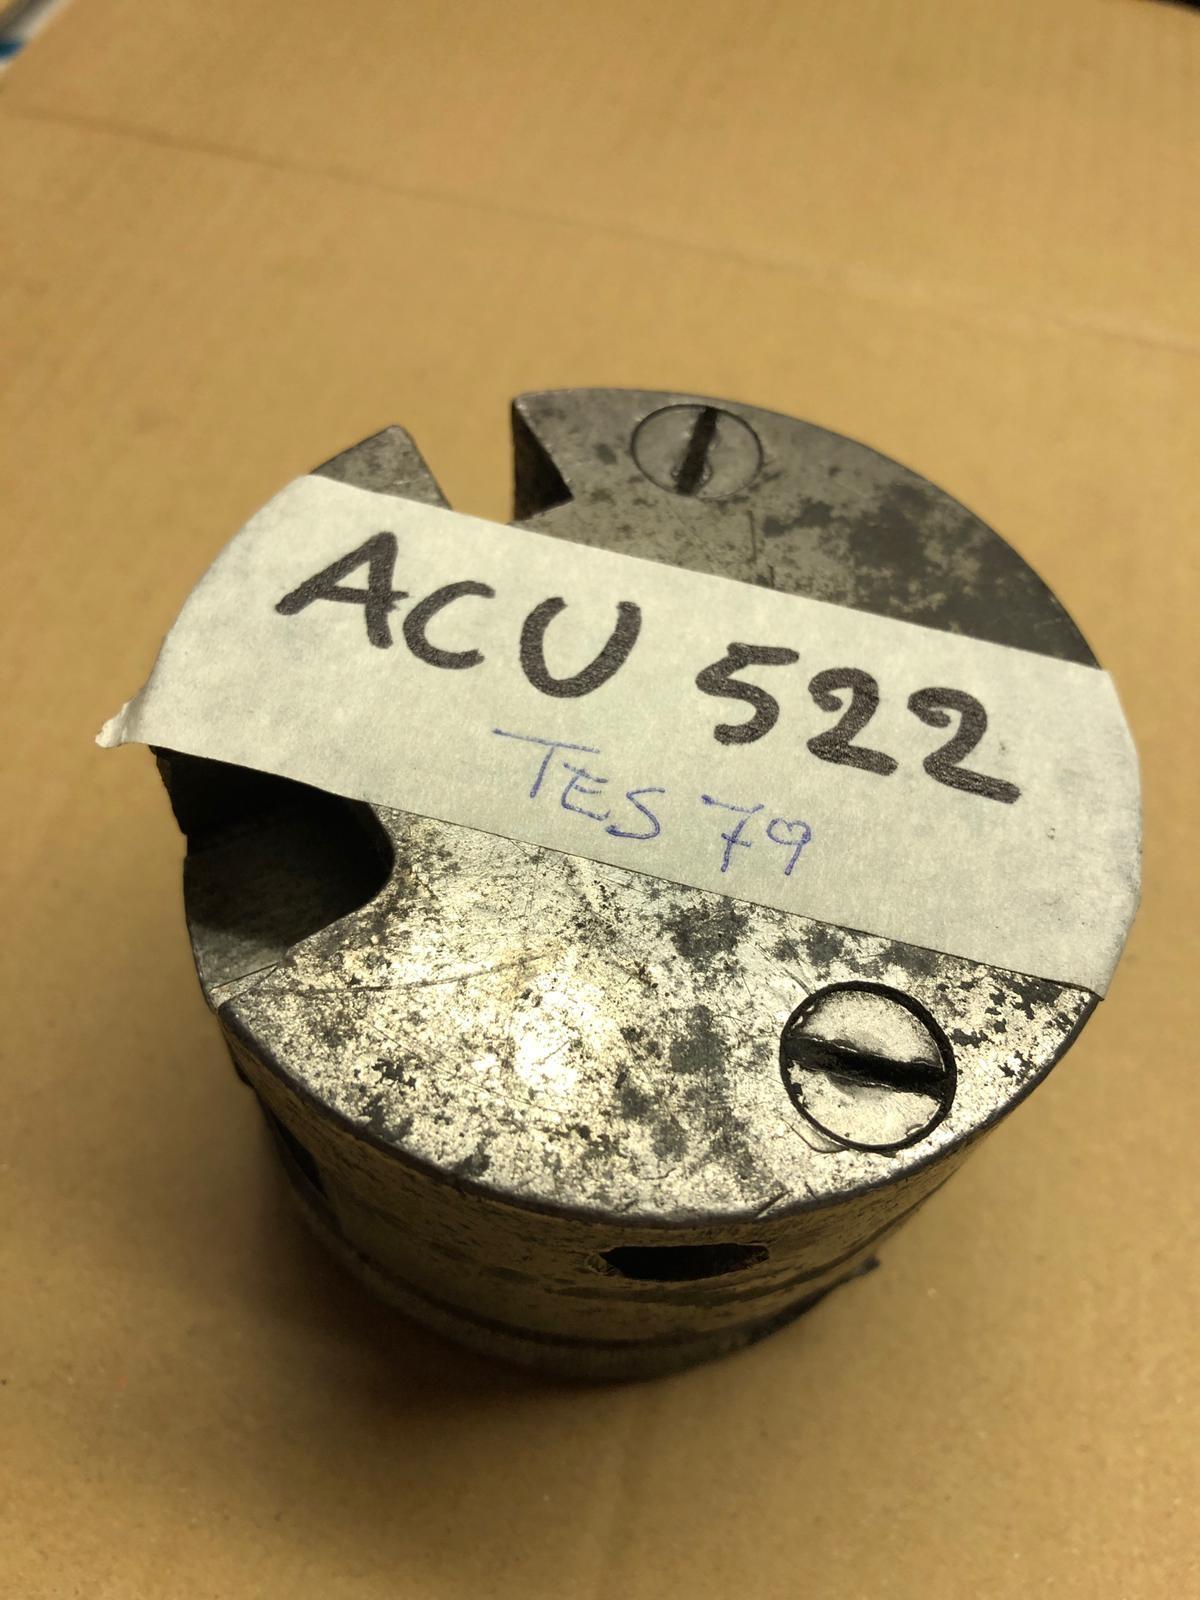 [ACU522] TES 79 PER AC 750